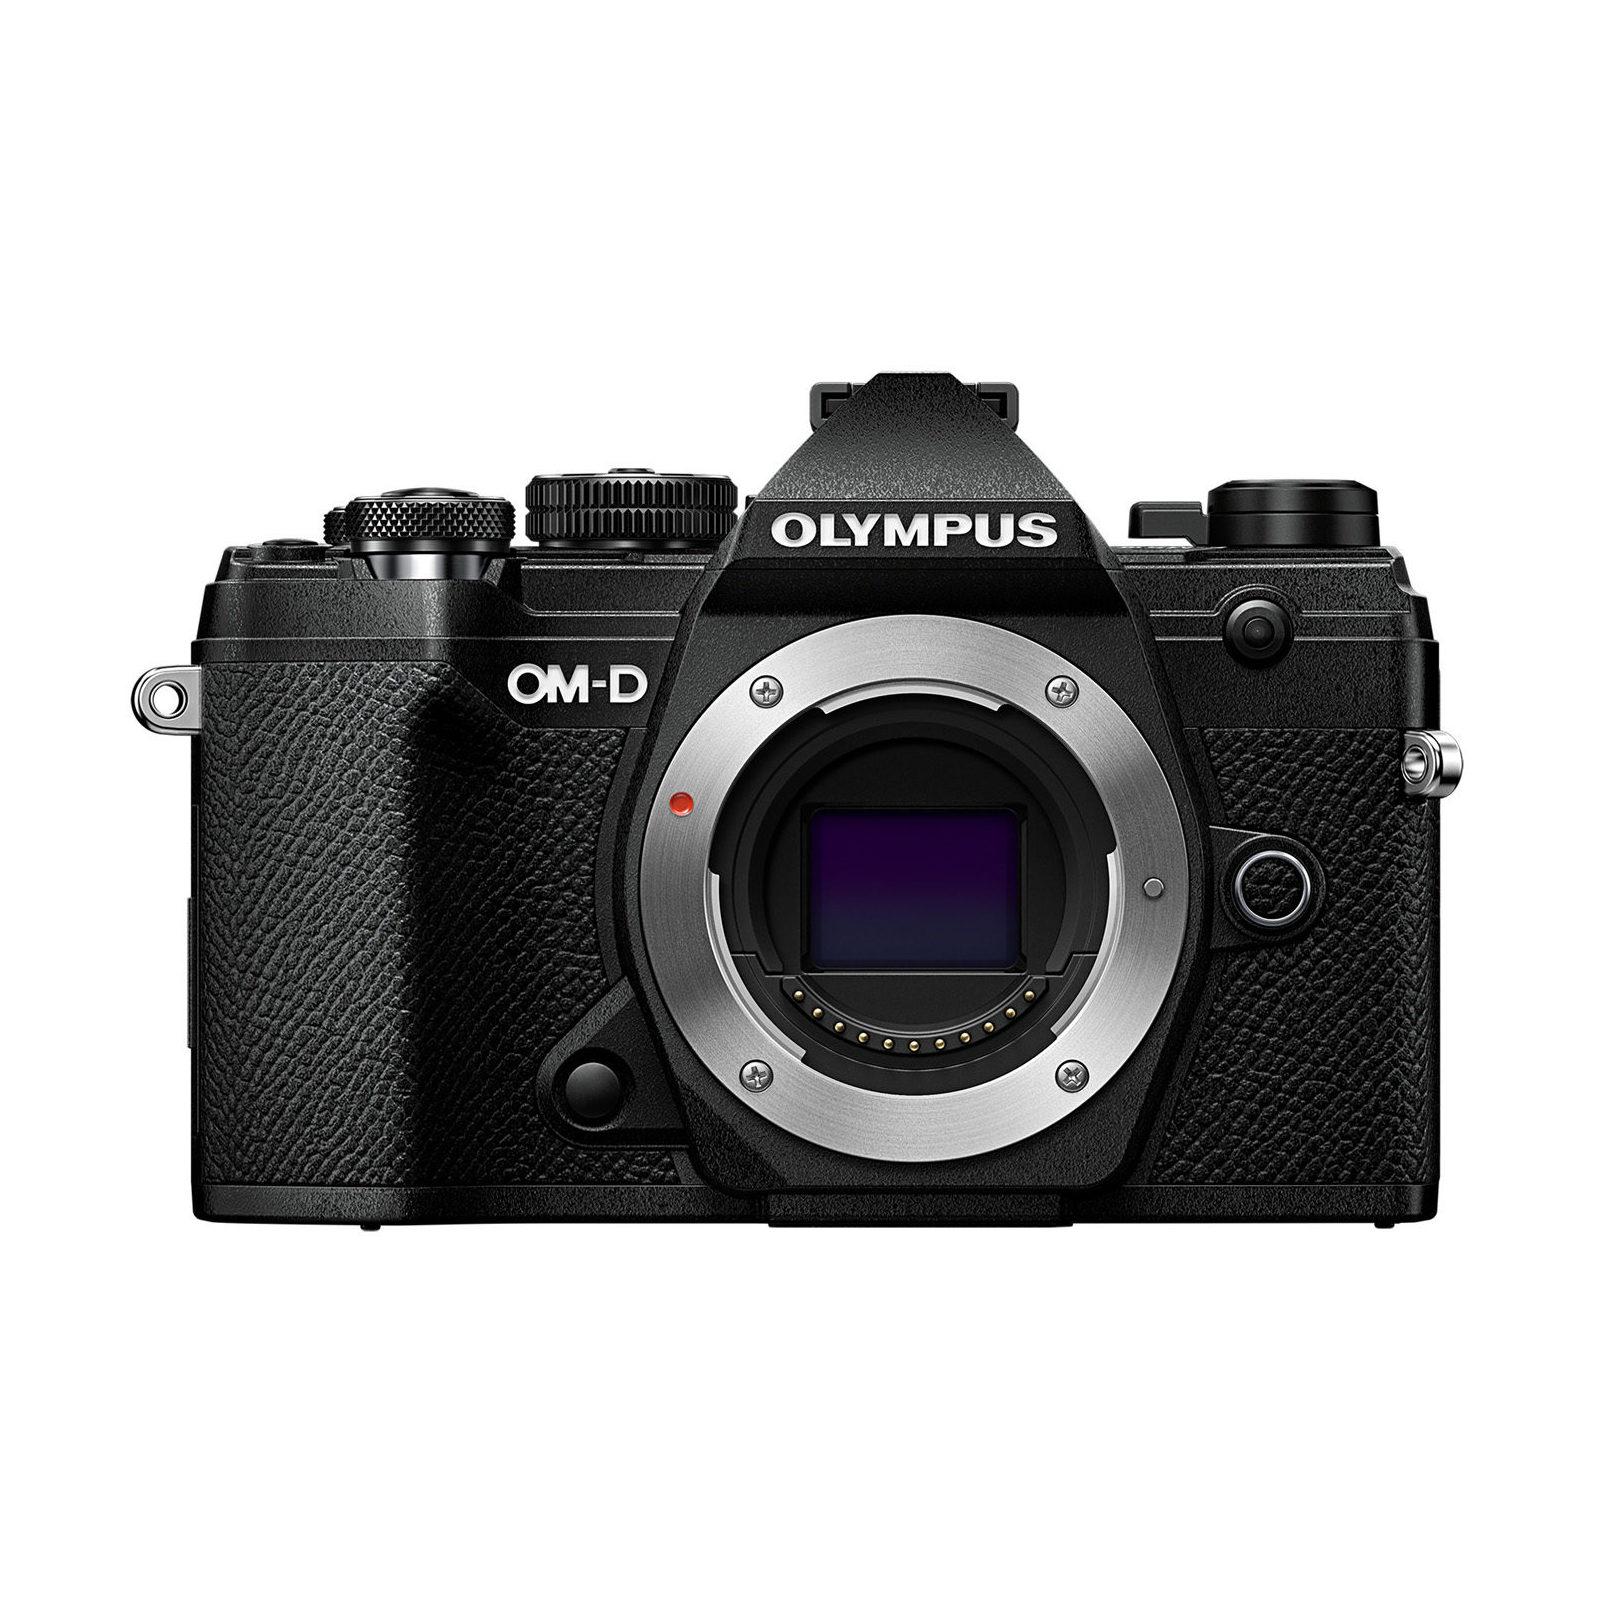 Olympus OM-D E-M5 Mark III systeemcamera Body Zwart <br/>€ 1099.00 <br/> <a href='https://www.cameranu.nl/fotografie/?tt=12190_474631_241358_&r=https%3A%2F%2Fwww.cameranu.nl%2Fnl%2Fp3130152%2Folympus-om-d-e-m5-mark-iii-systeemcamera-body-zwart%3Fchannable%3De10841.MzEzMDE1Mg%26utm_campaign%3D%26utm_content%3DOM-D%2Bserie%26utm_source%3DTradetracker%26utm_medium%3Dcpc%26utm_term%3DDigitale%2Bcamera%26apos%3Bs' target='_blank'>naar de winkel</a>